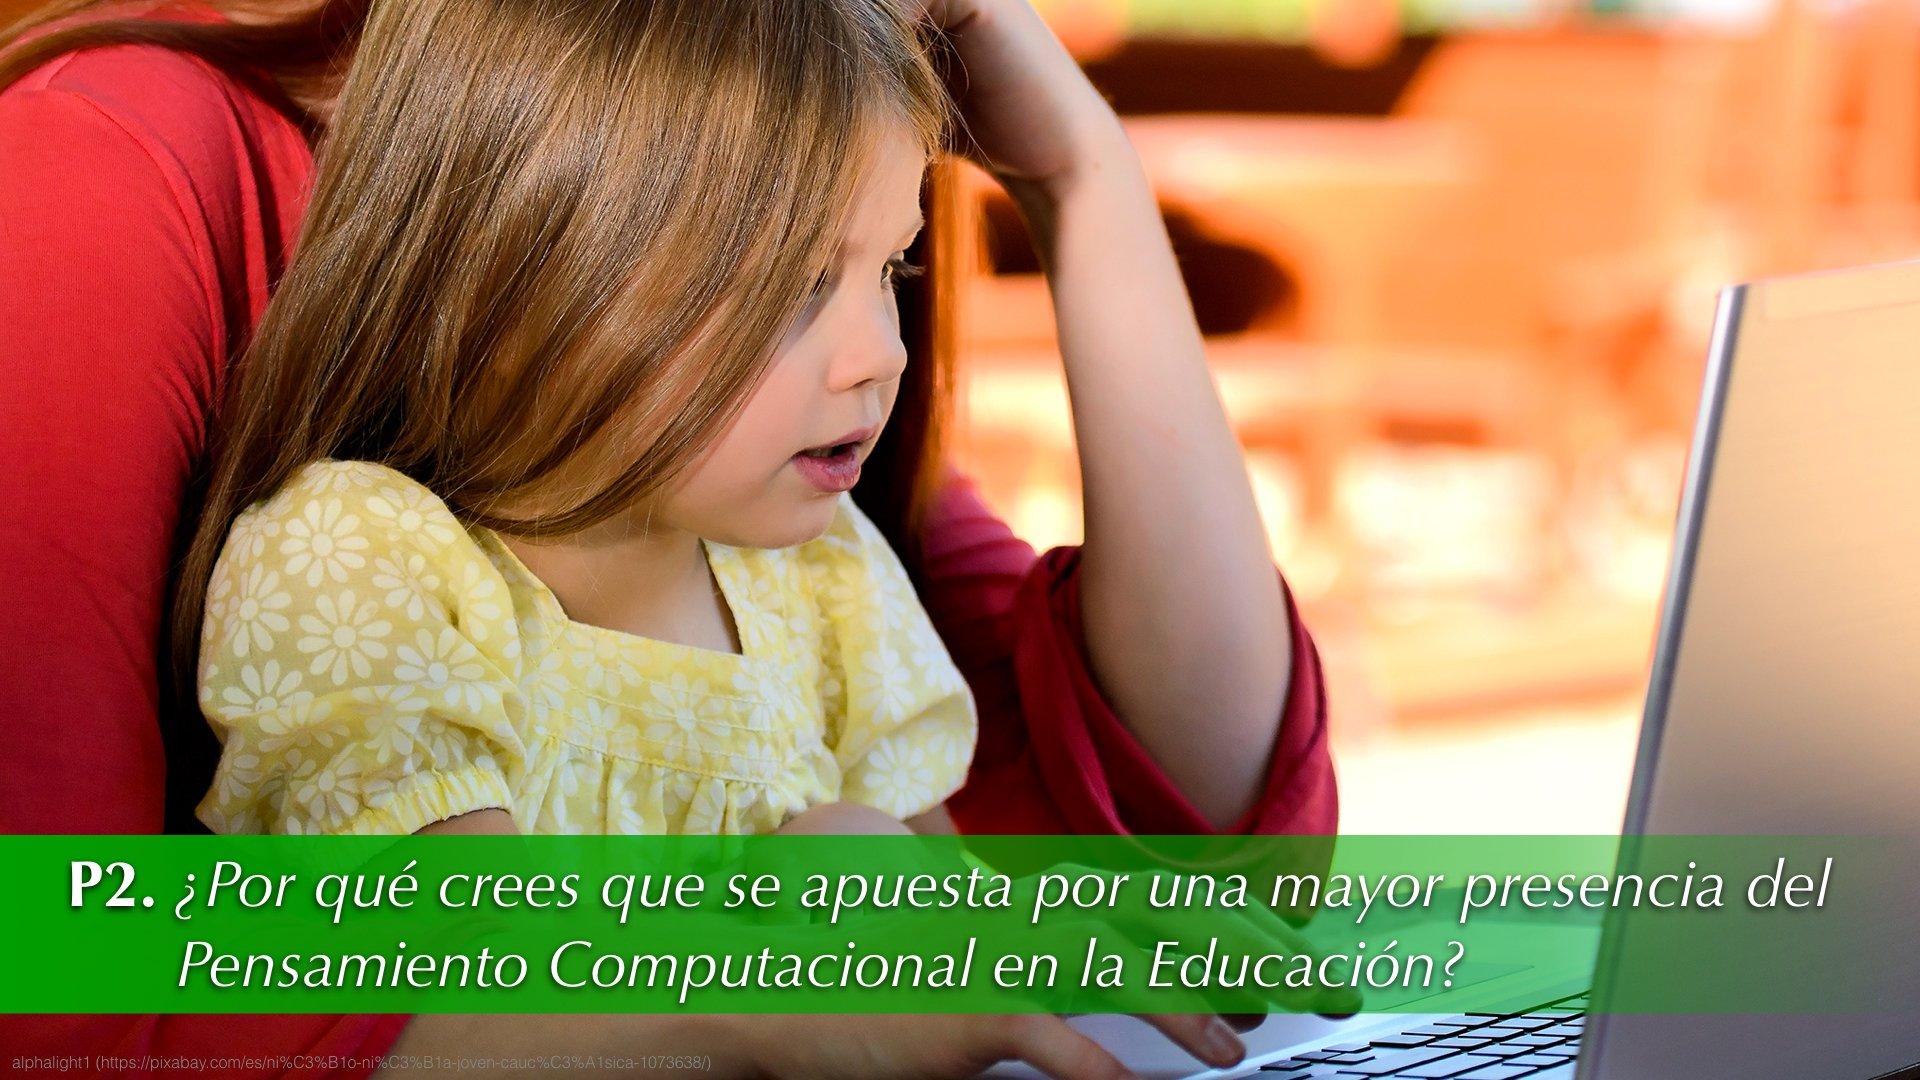 P-2. ¿Por qué crees que se apuesta por una mayor presencia del Pensamiento Computacional en la Educación? #MoocBot https://t.co/zMphfrK4O6